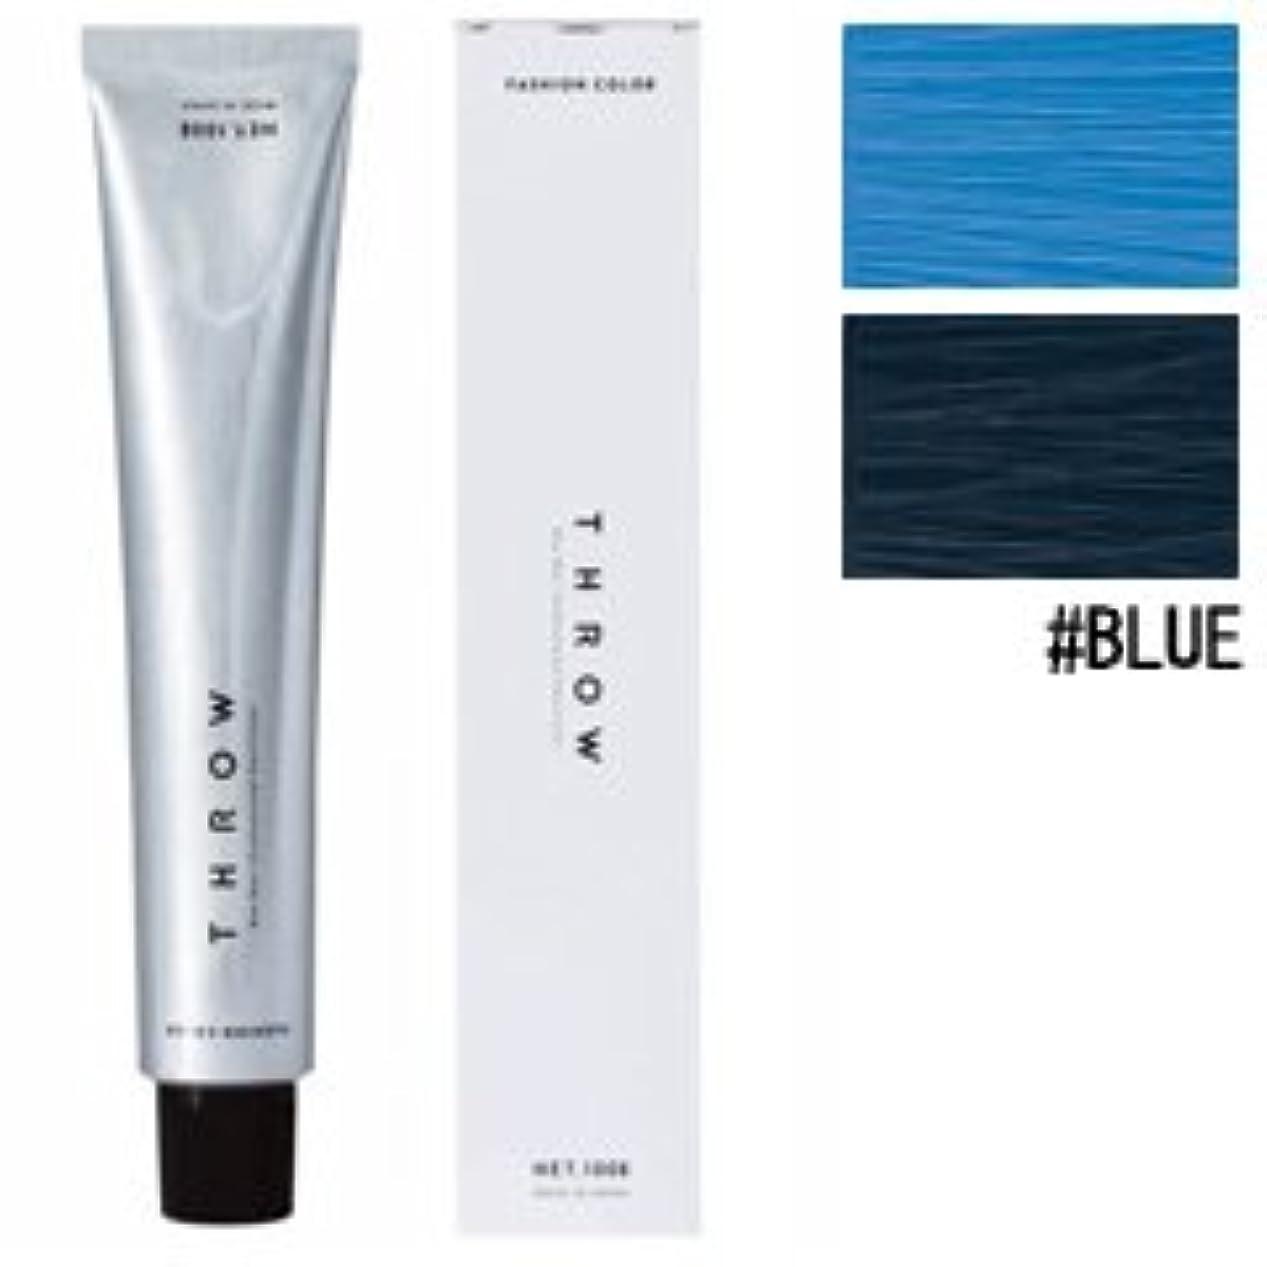 協力的現在温かい【モルトベーネ】スロウ ファッションカラー #BLUE 100g